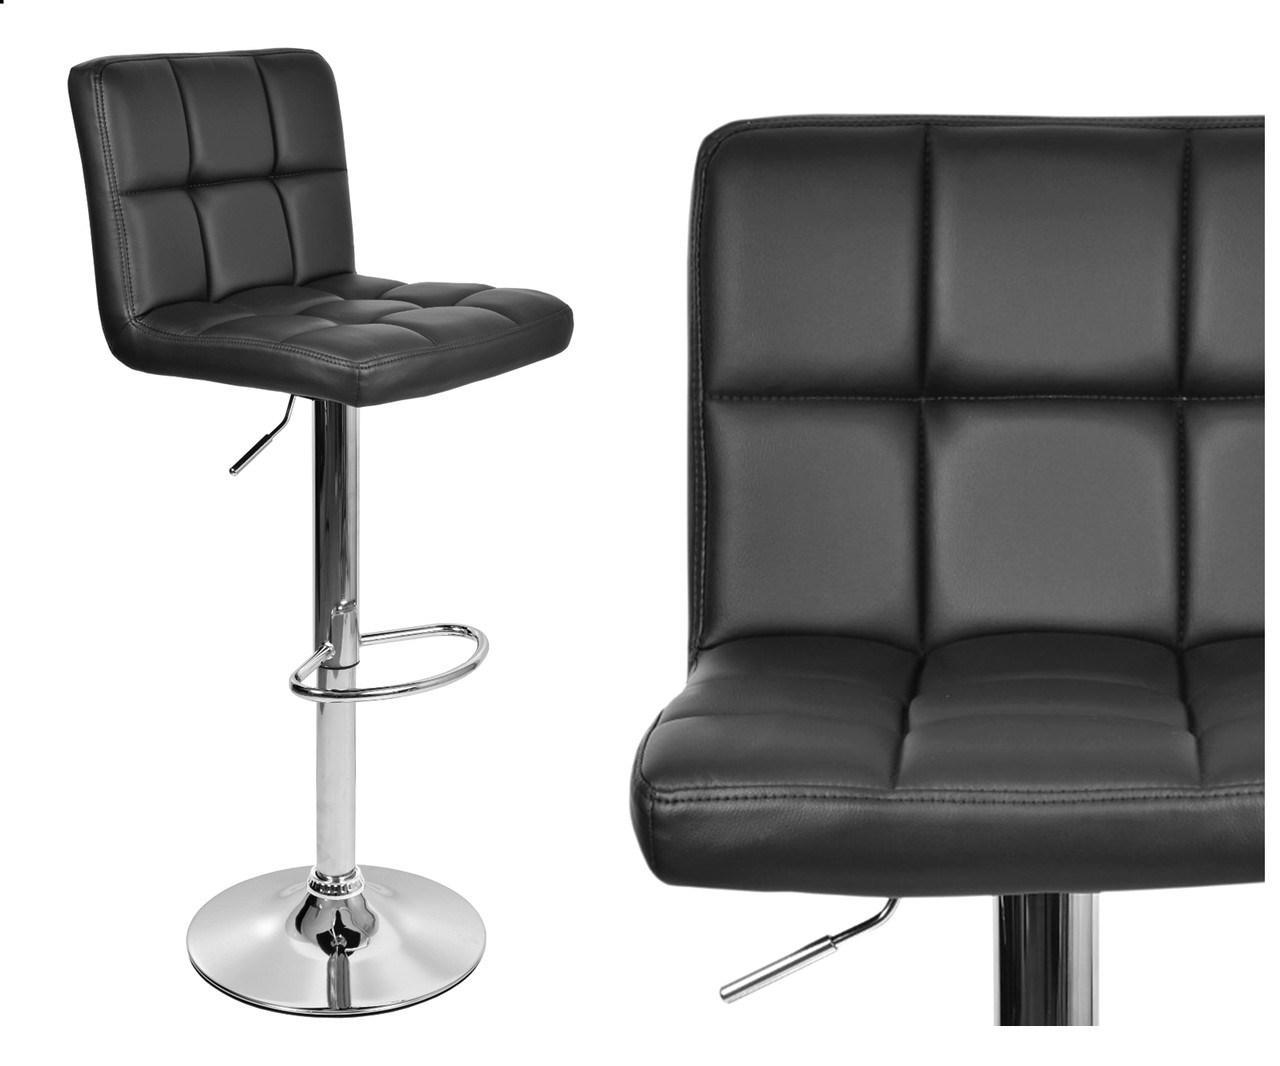 Барный стул табурет барний стілець кресло для кухни Hoker черный